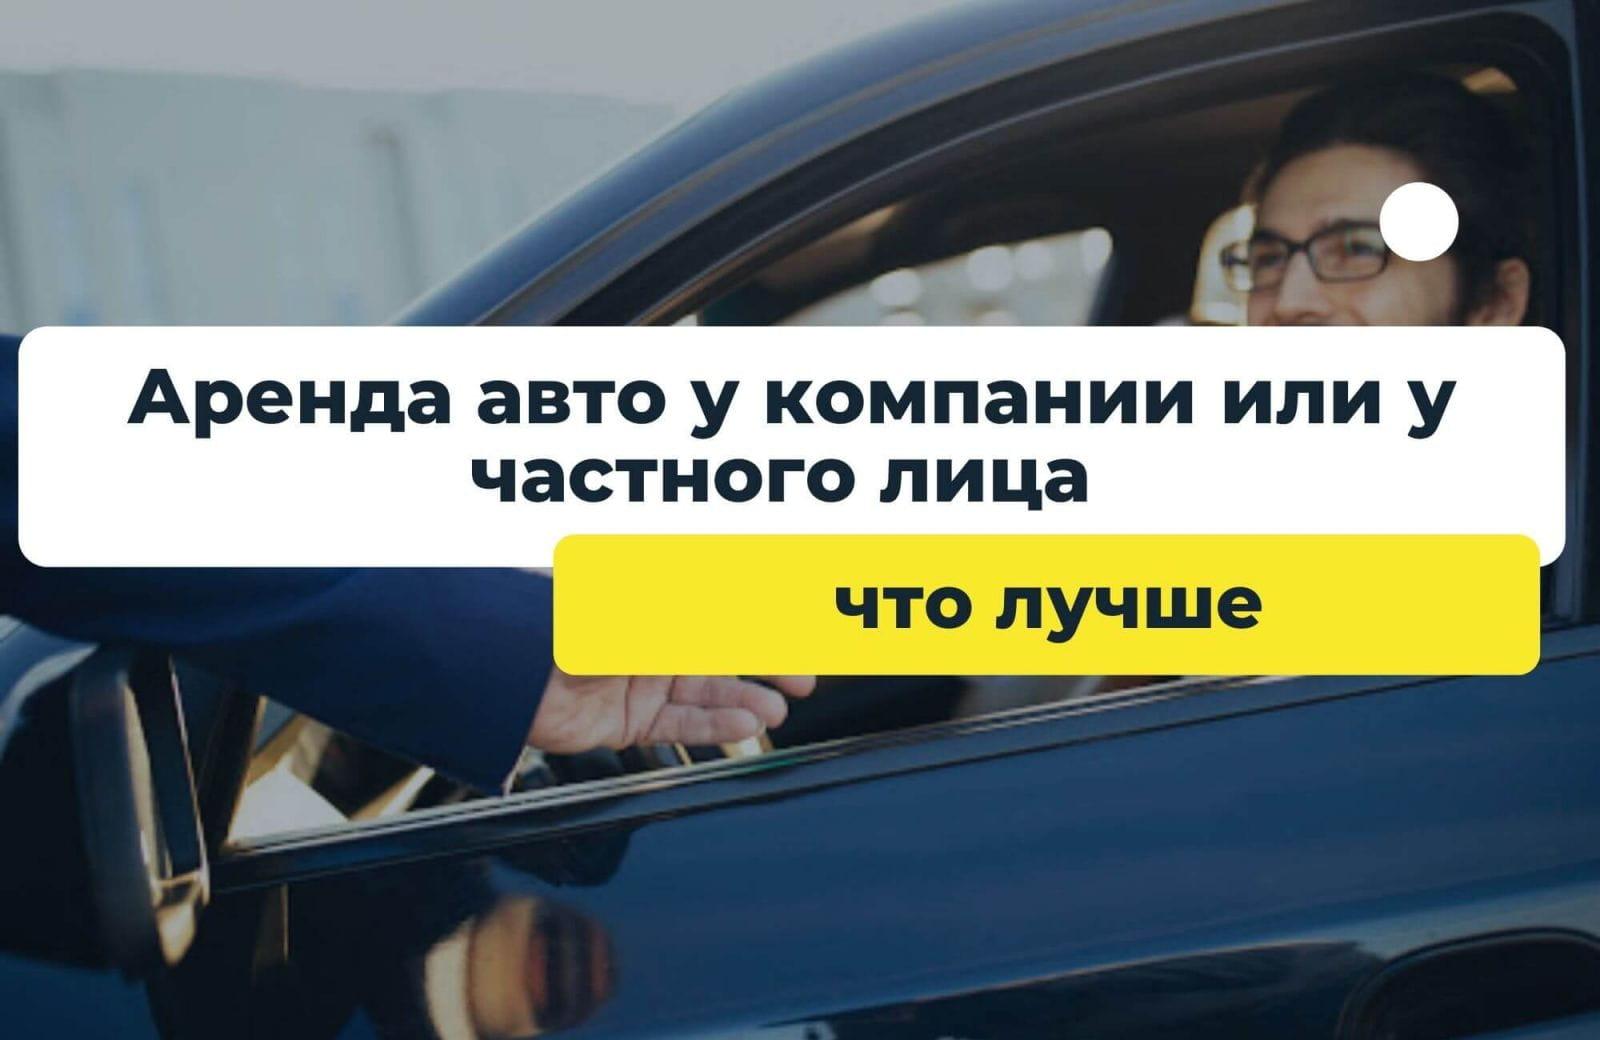 Аренда авто для бизнеса